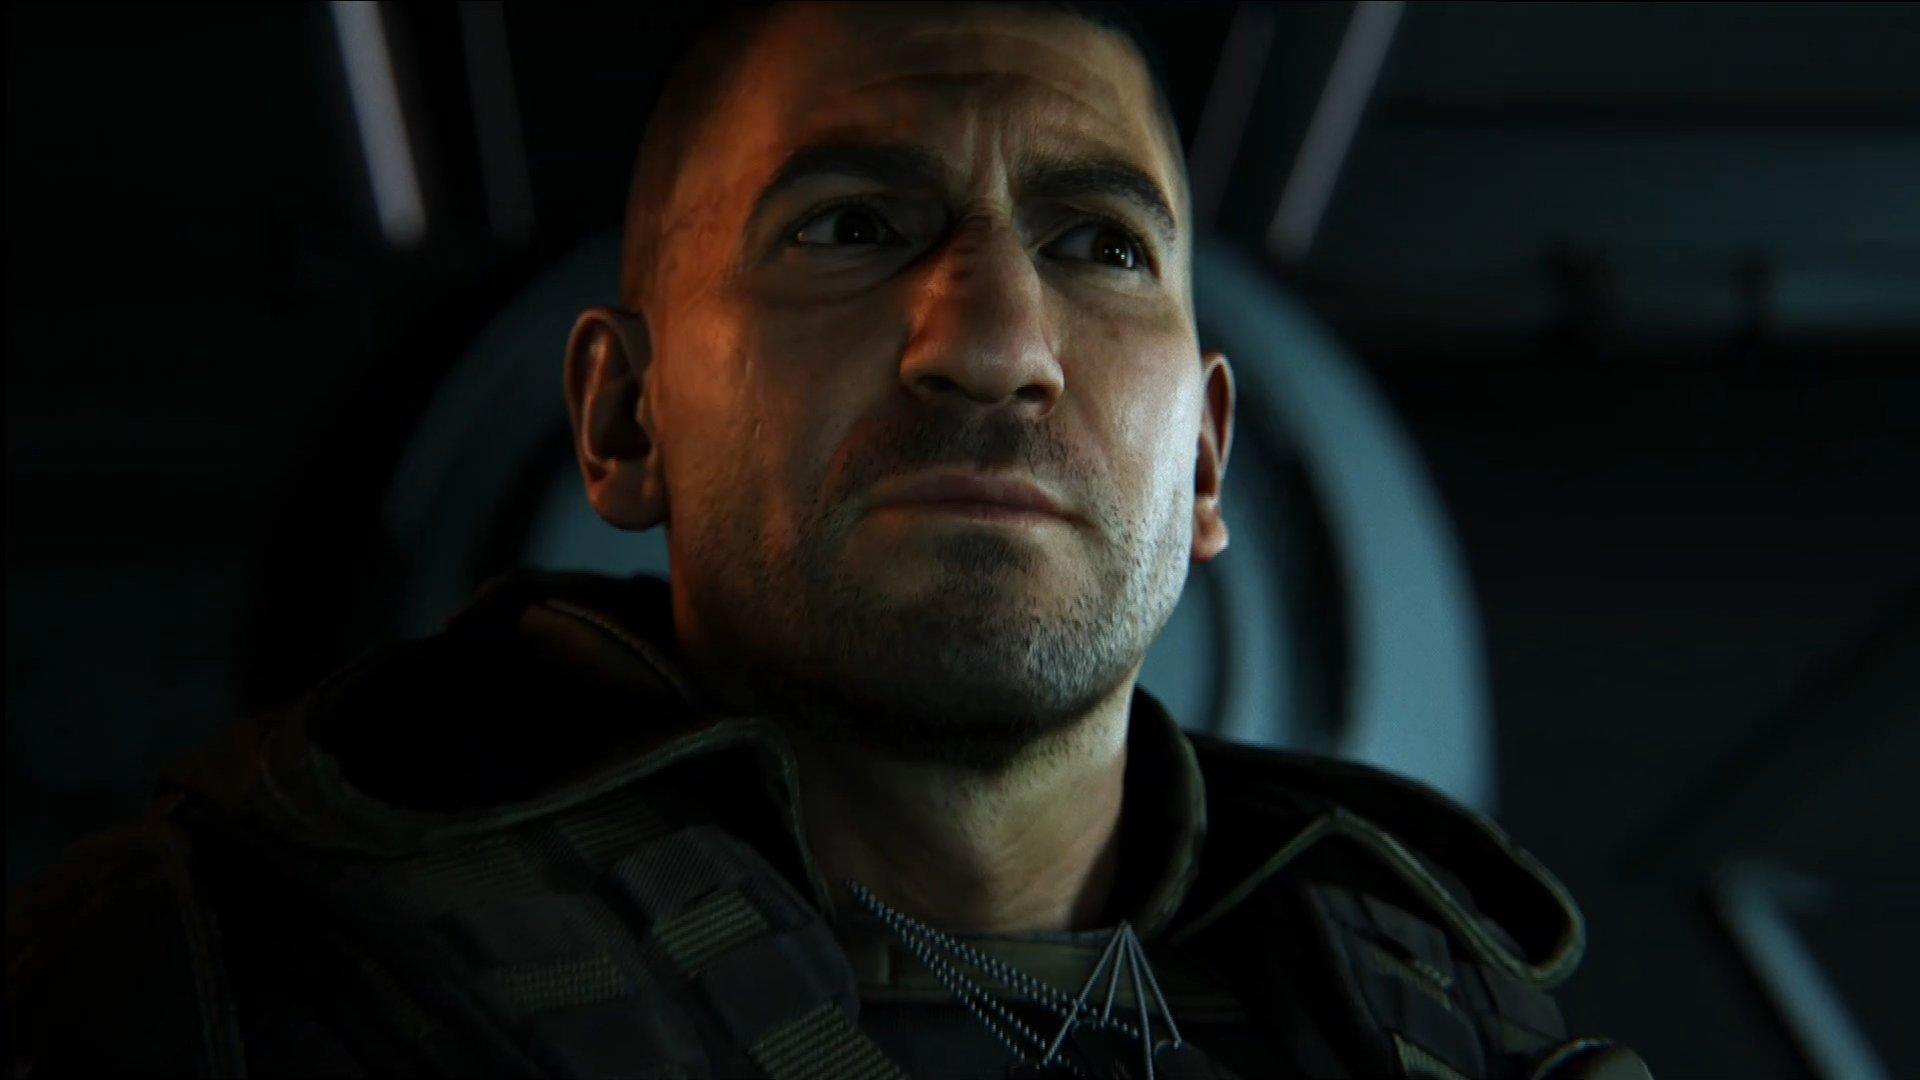 Les nouvelles bandes-annonces de Ghost Recon Breakpoint dévoilées à l'E3, inscription à la version bêta en direct